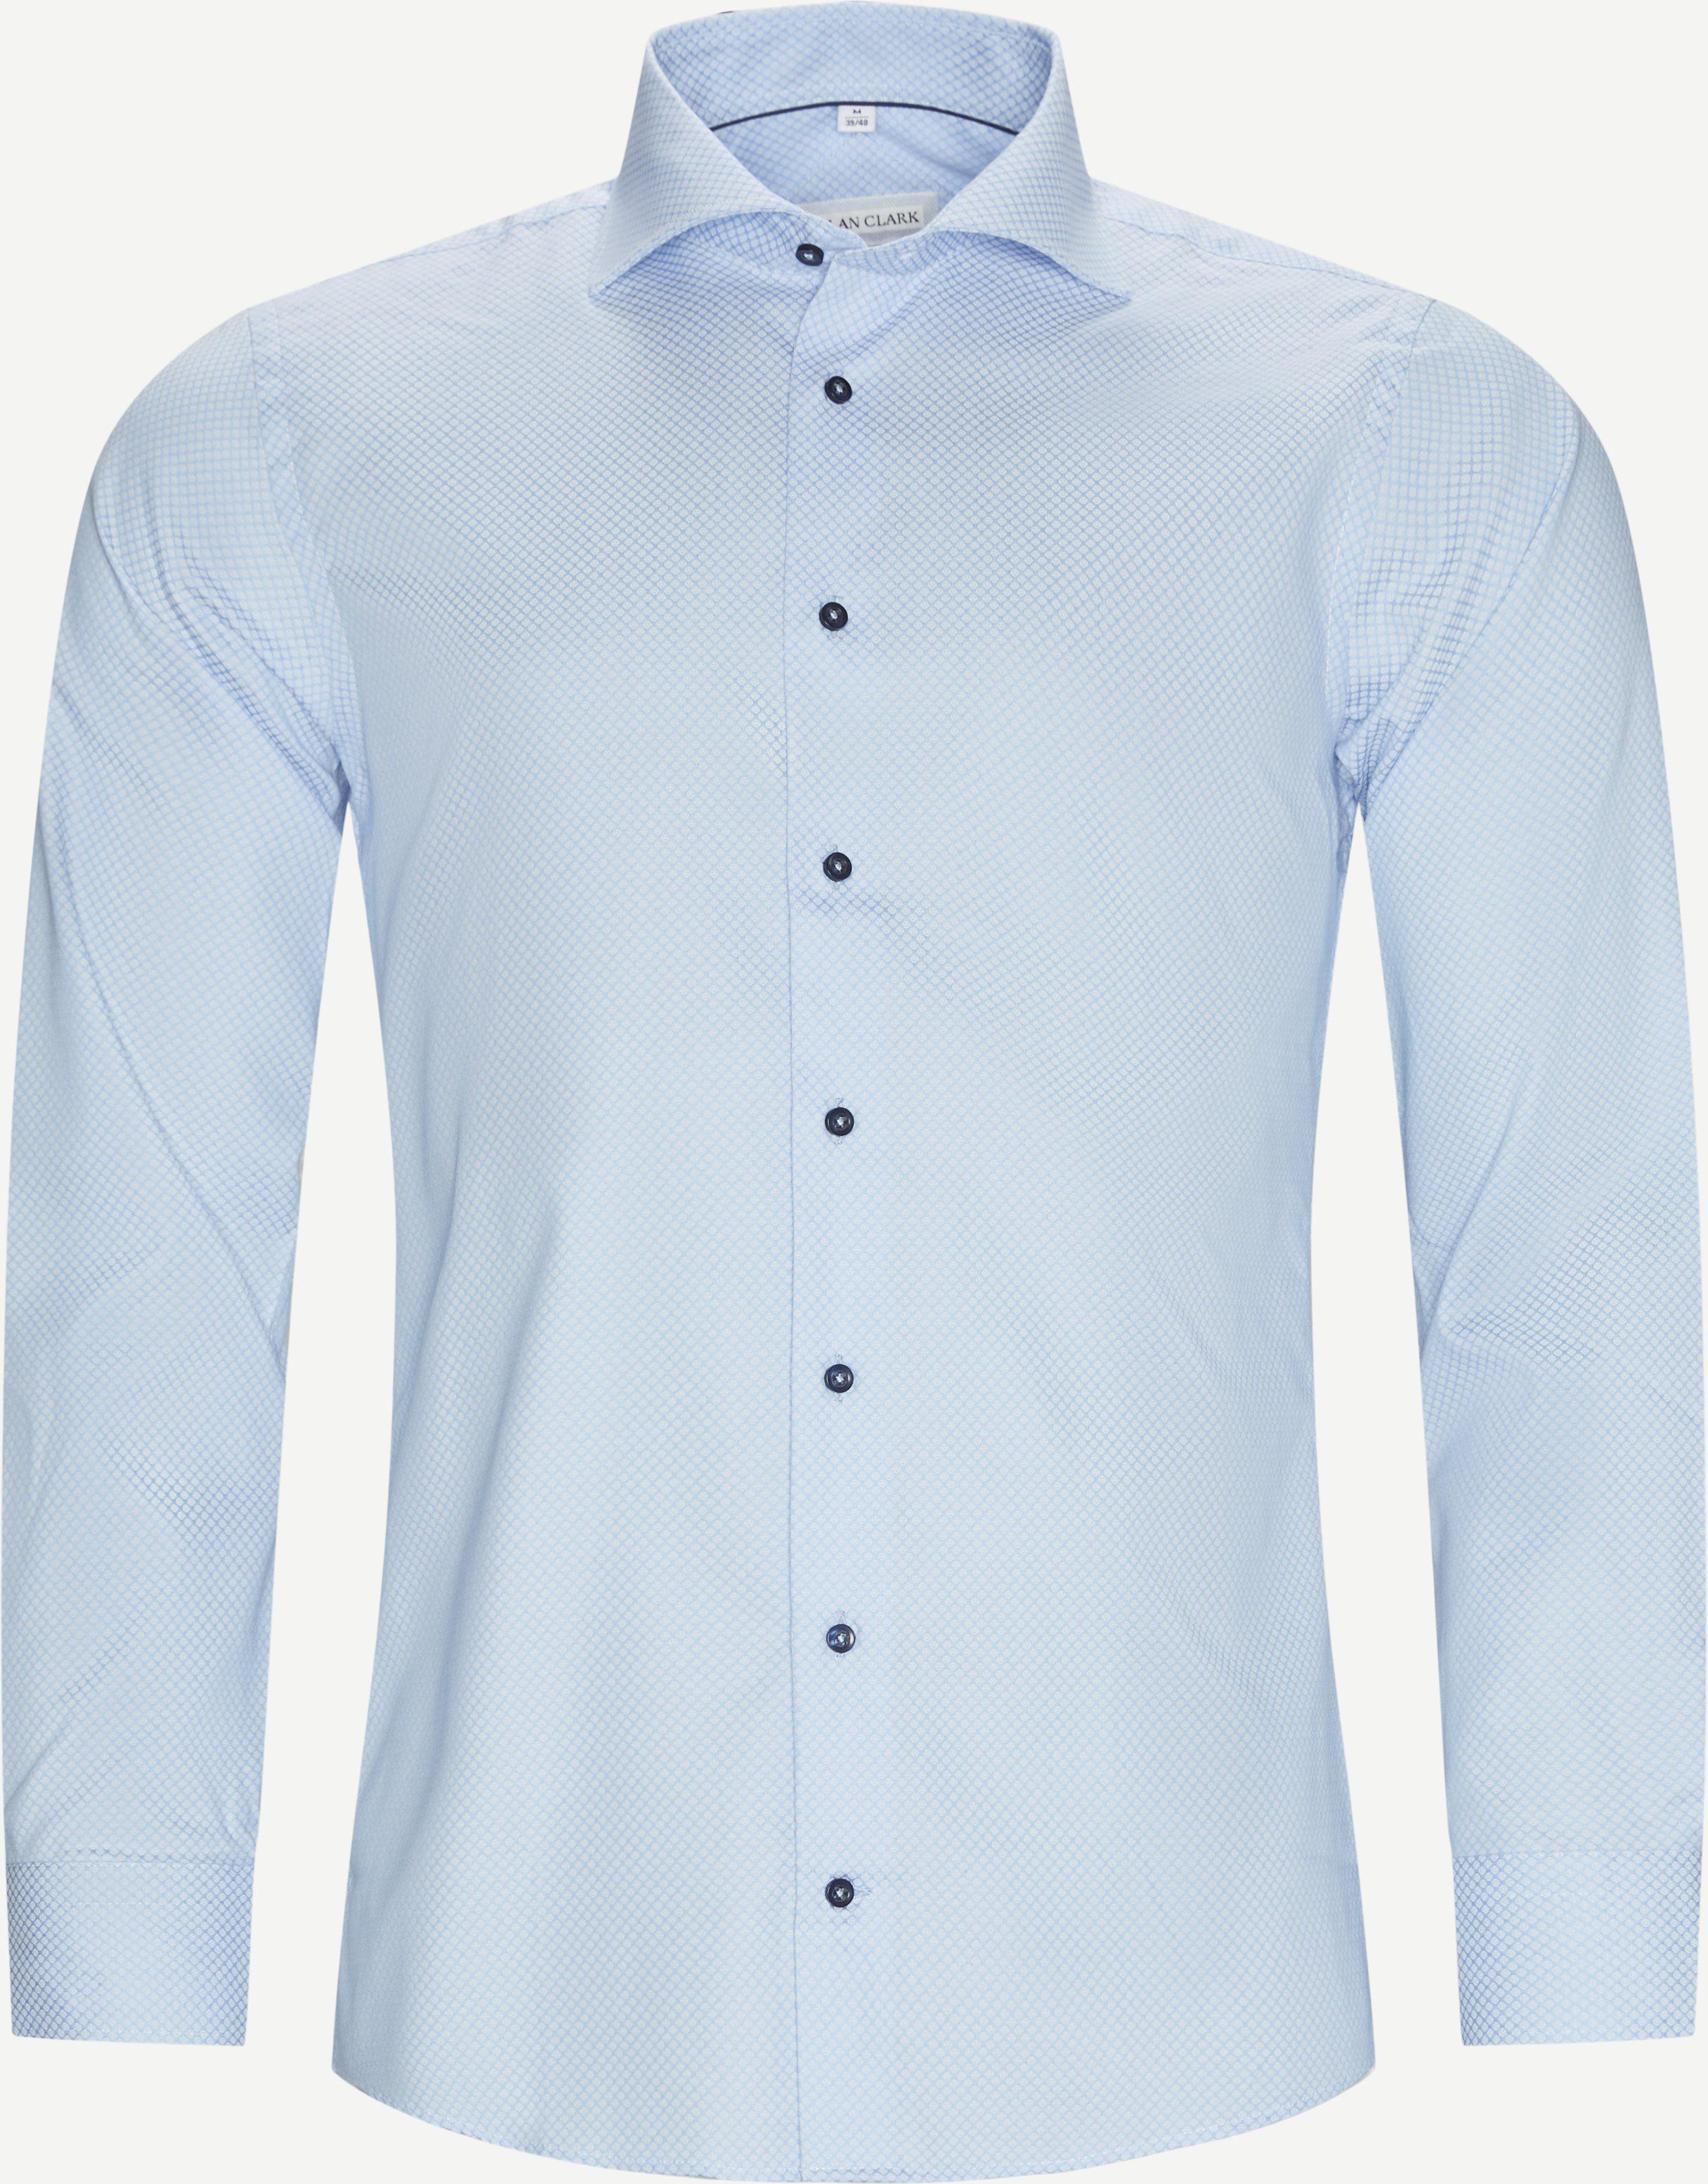 Nutella Skjorte - Skjorter - Blå